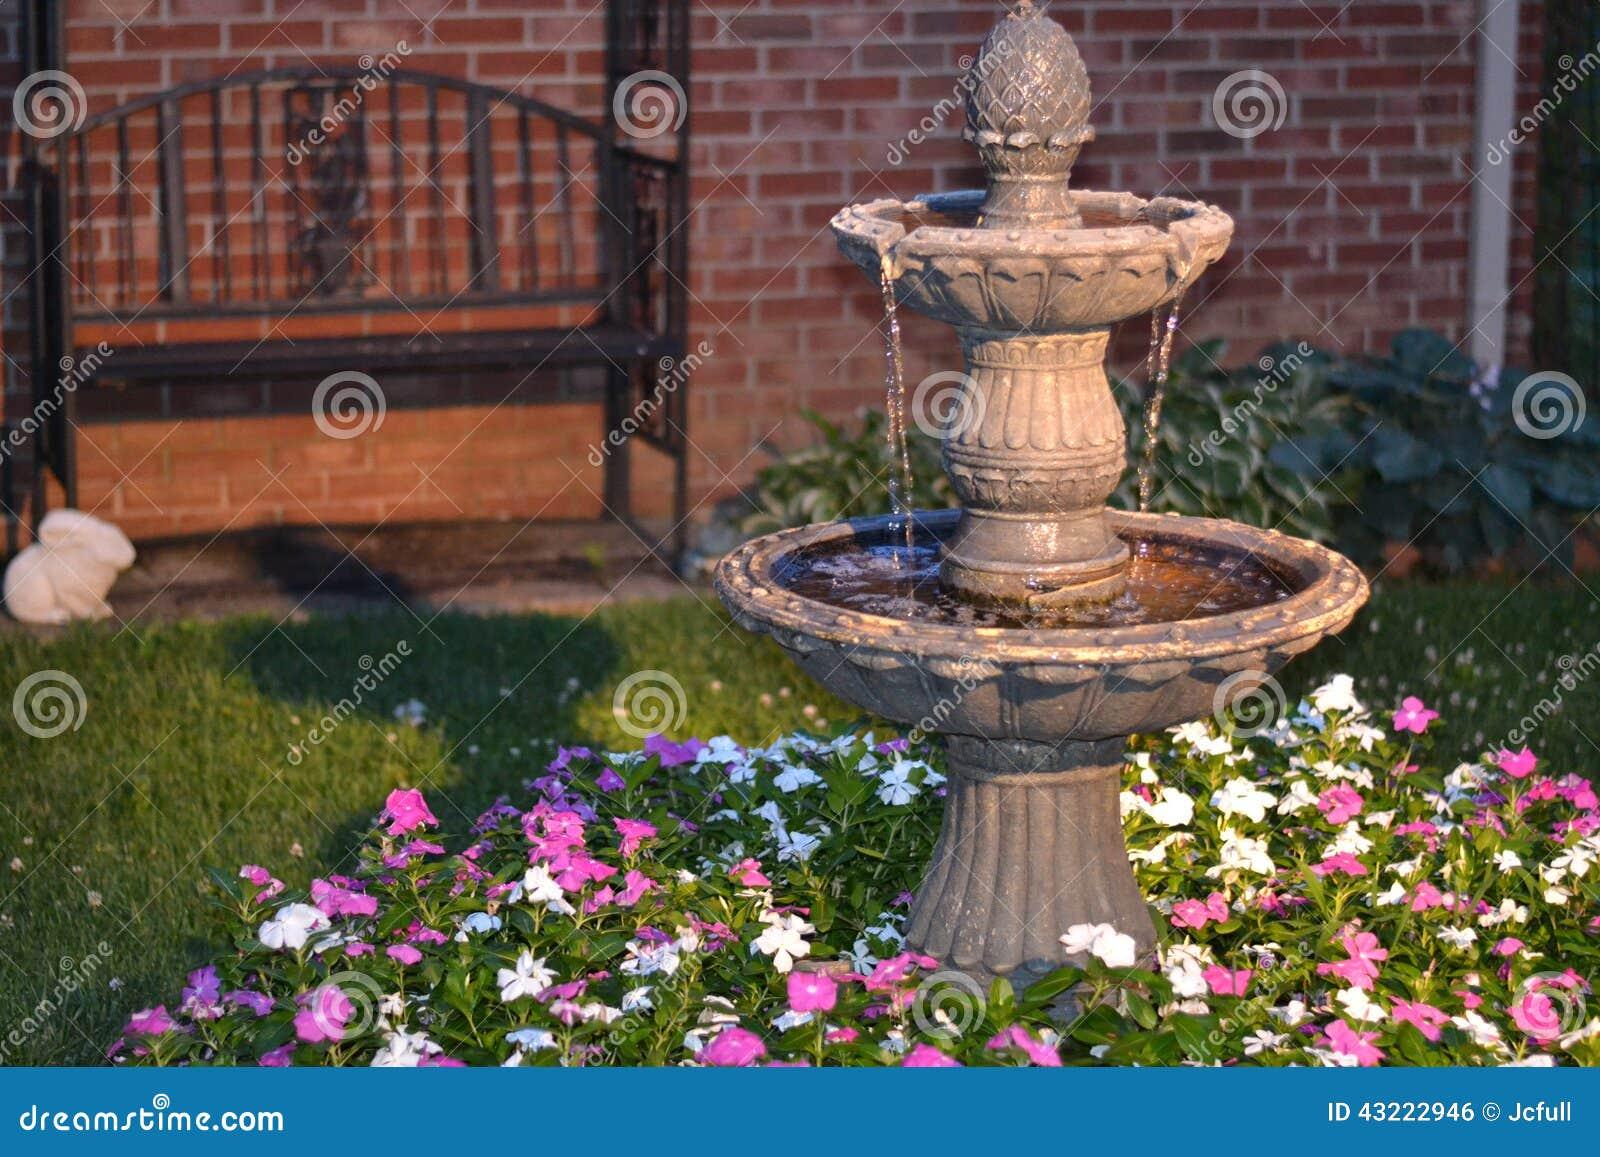 Fuente de agua casera decorativa en una cama de flores for Fuentes de jardin caseras